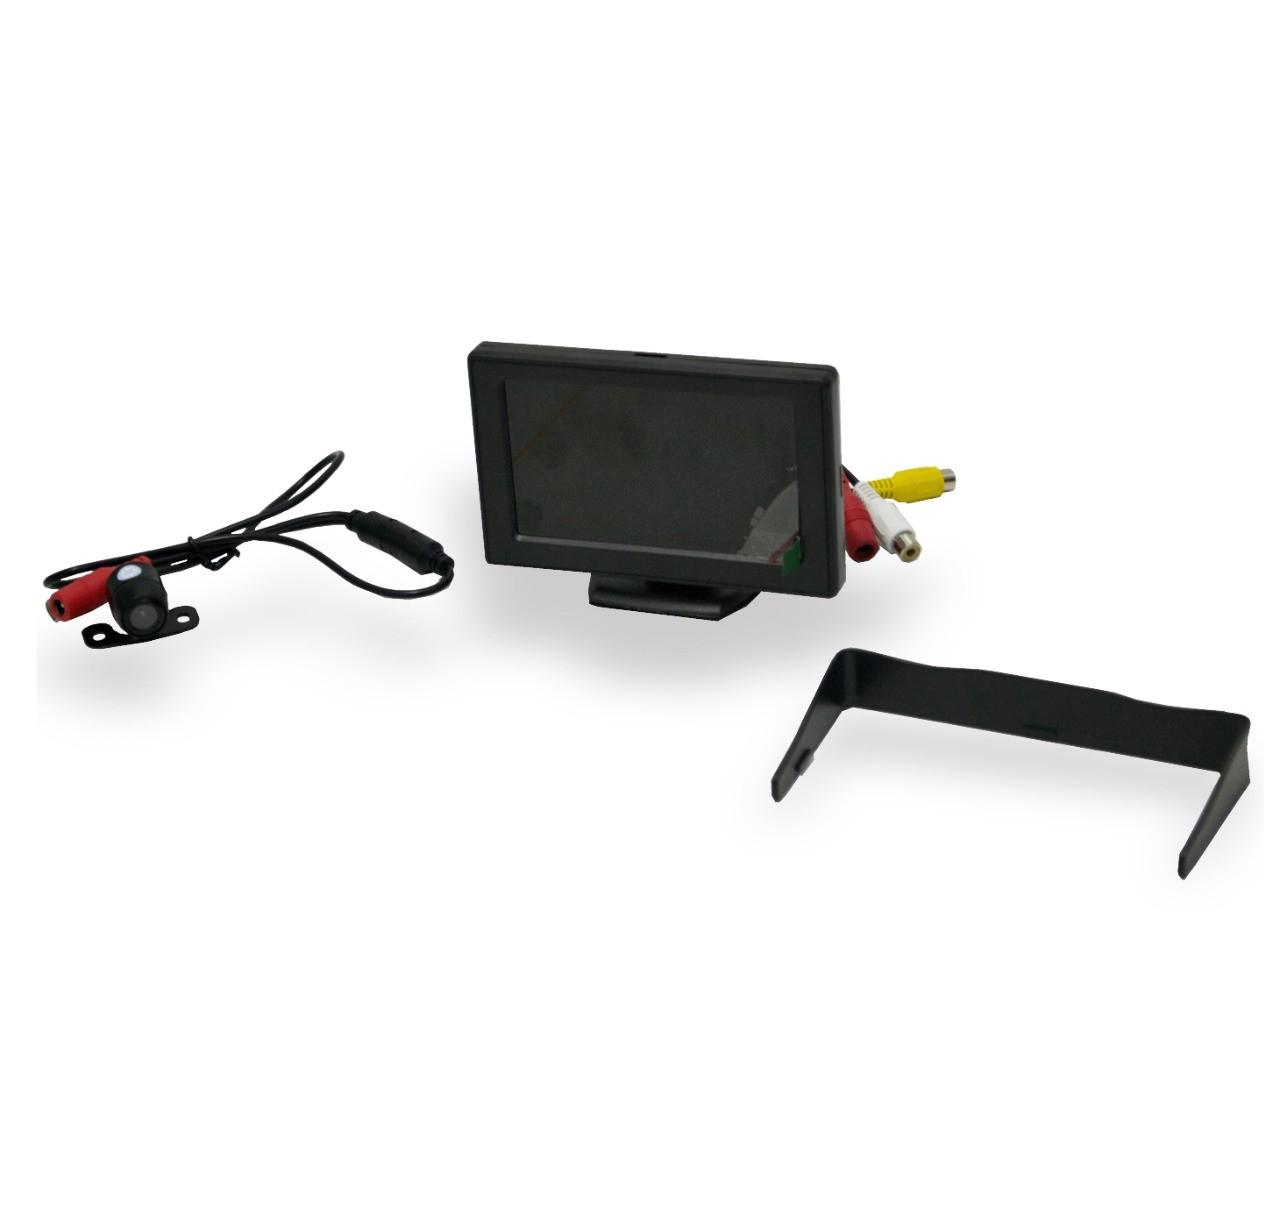 Tela LCD 4.3 Polegadas com Câmera